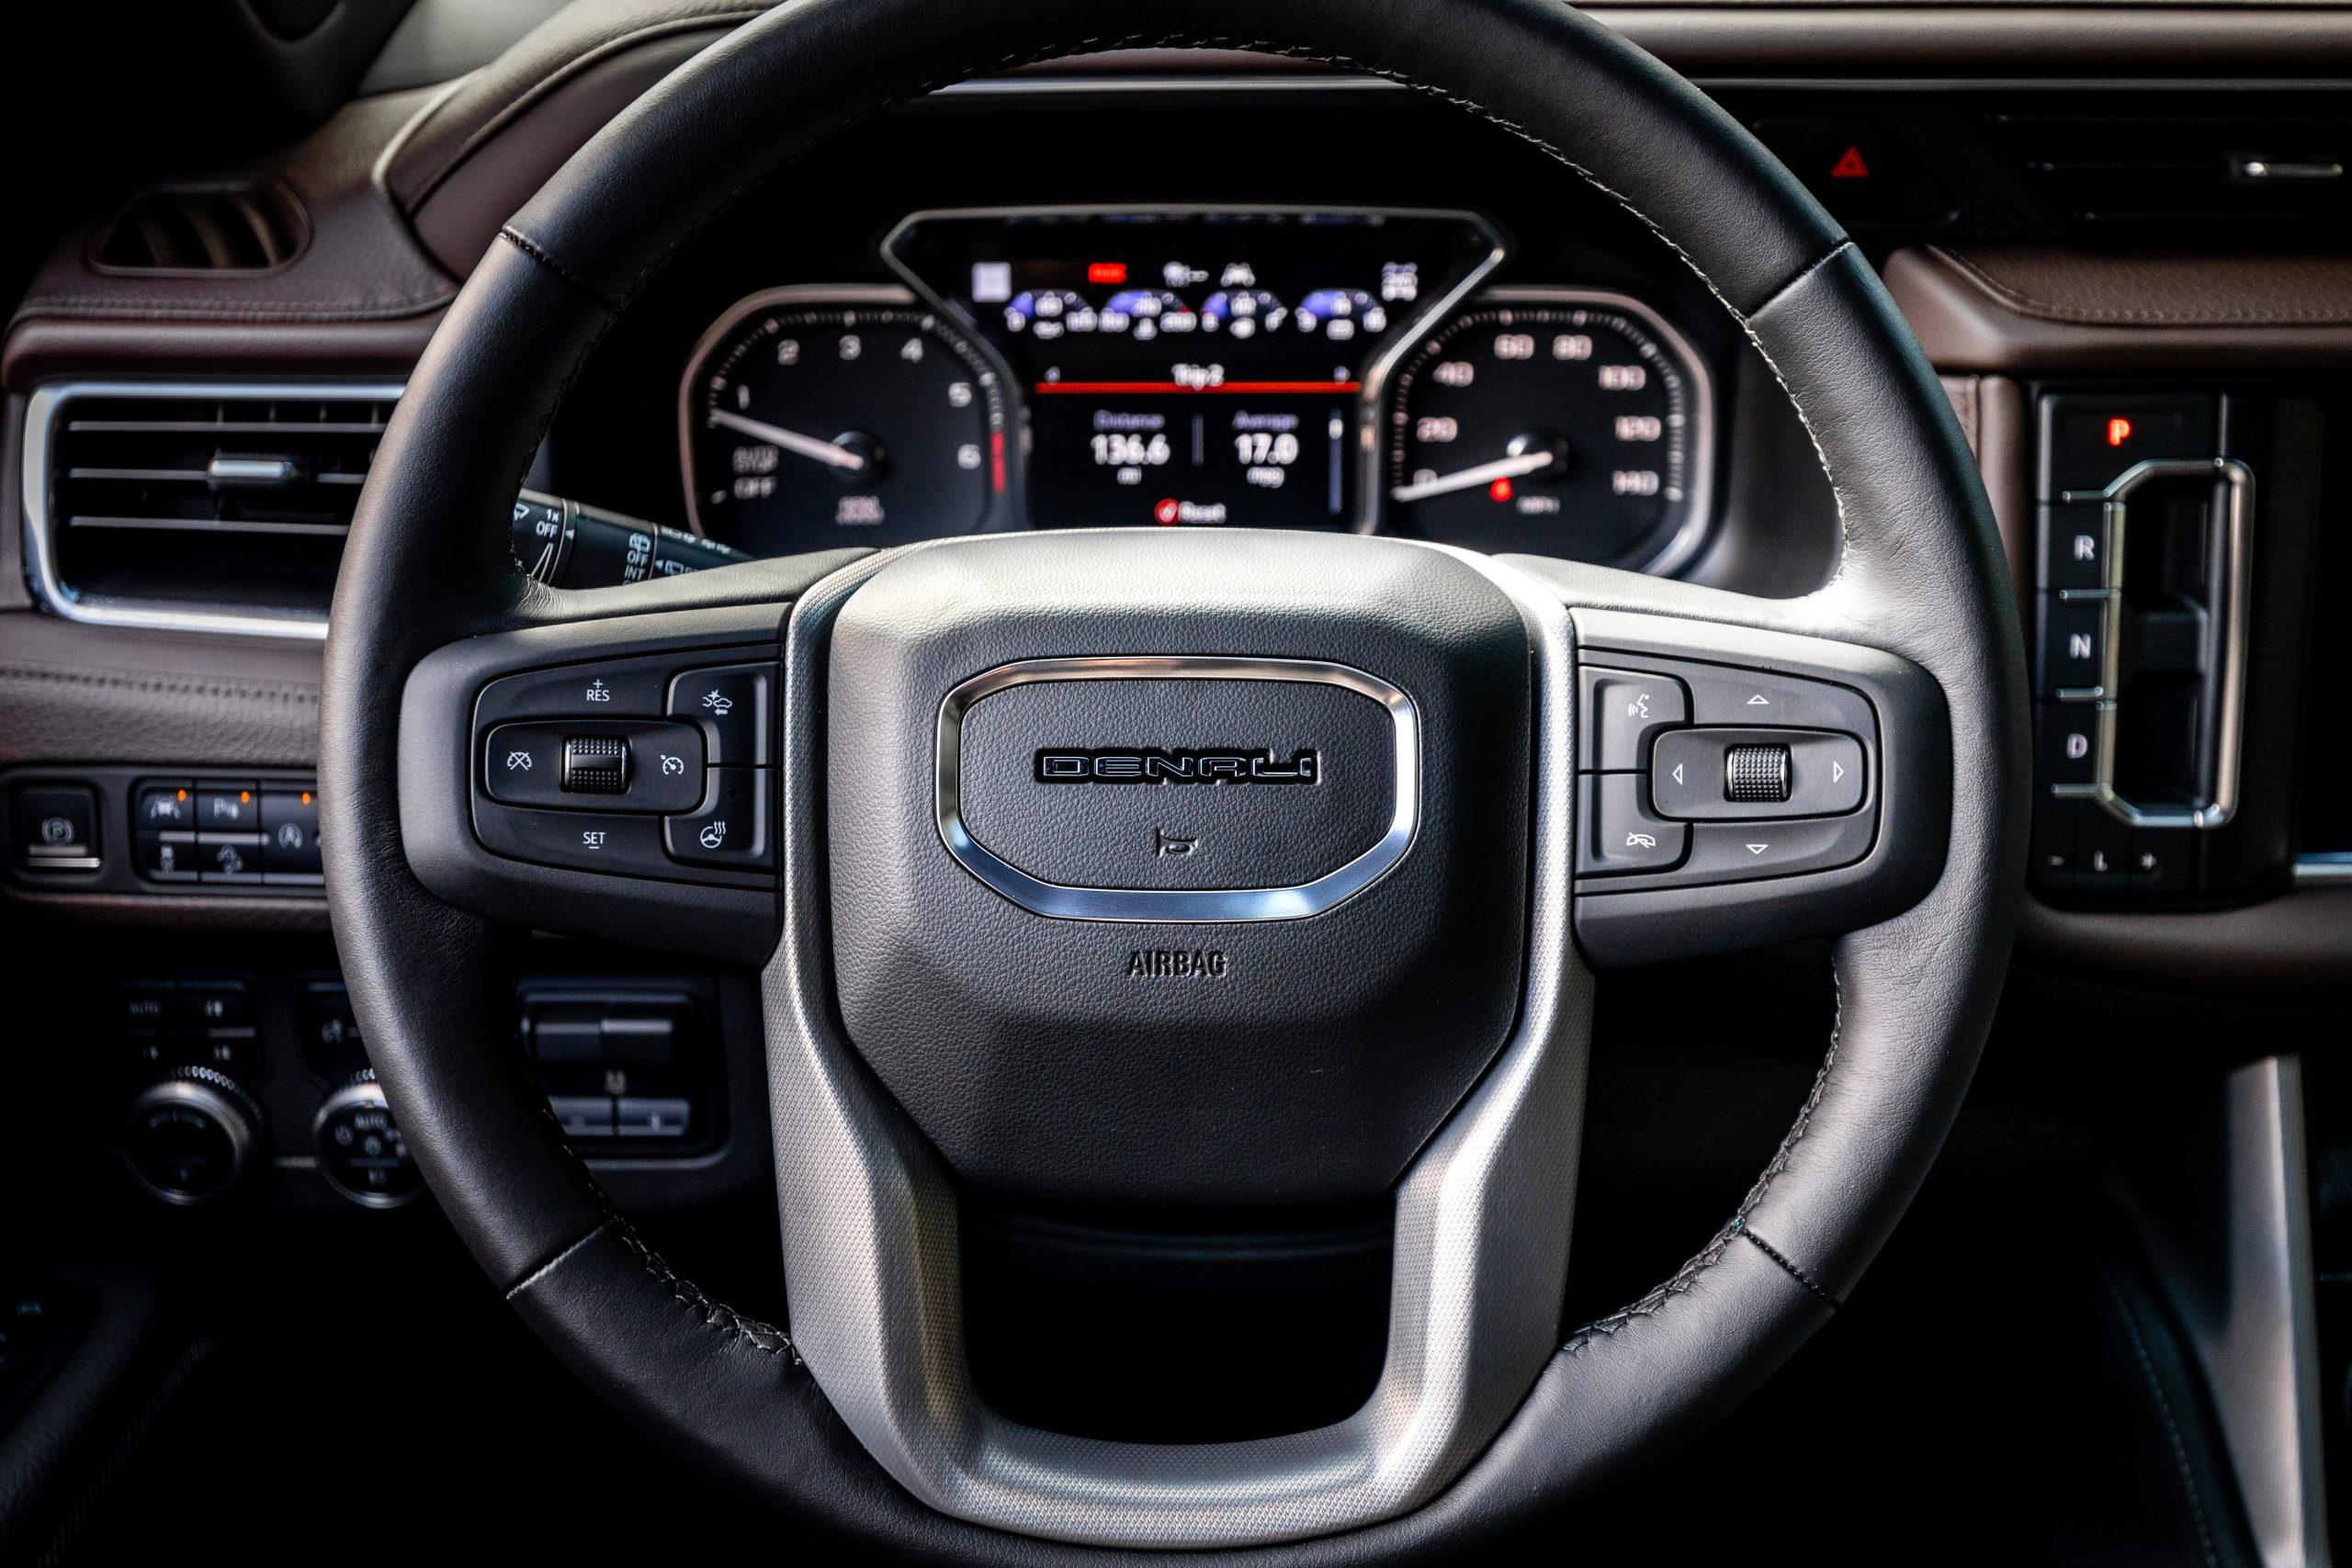 2021 Yukon Denali steering wheel straight-on